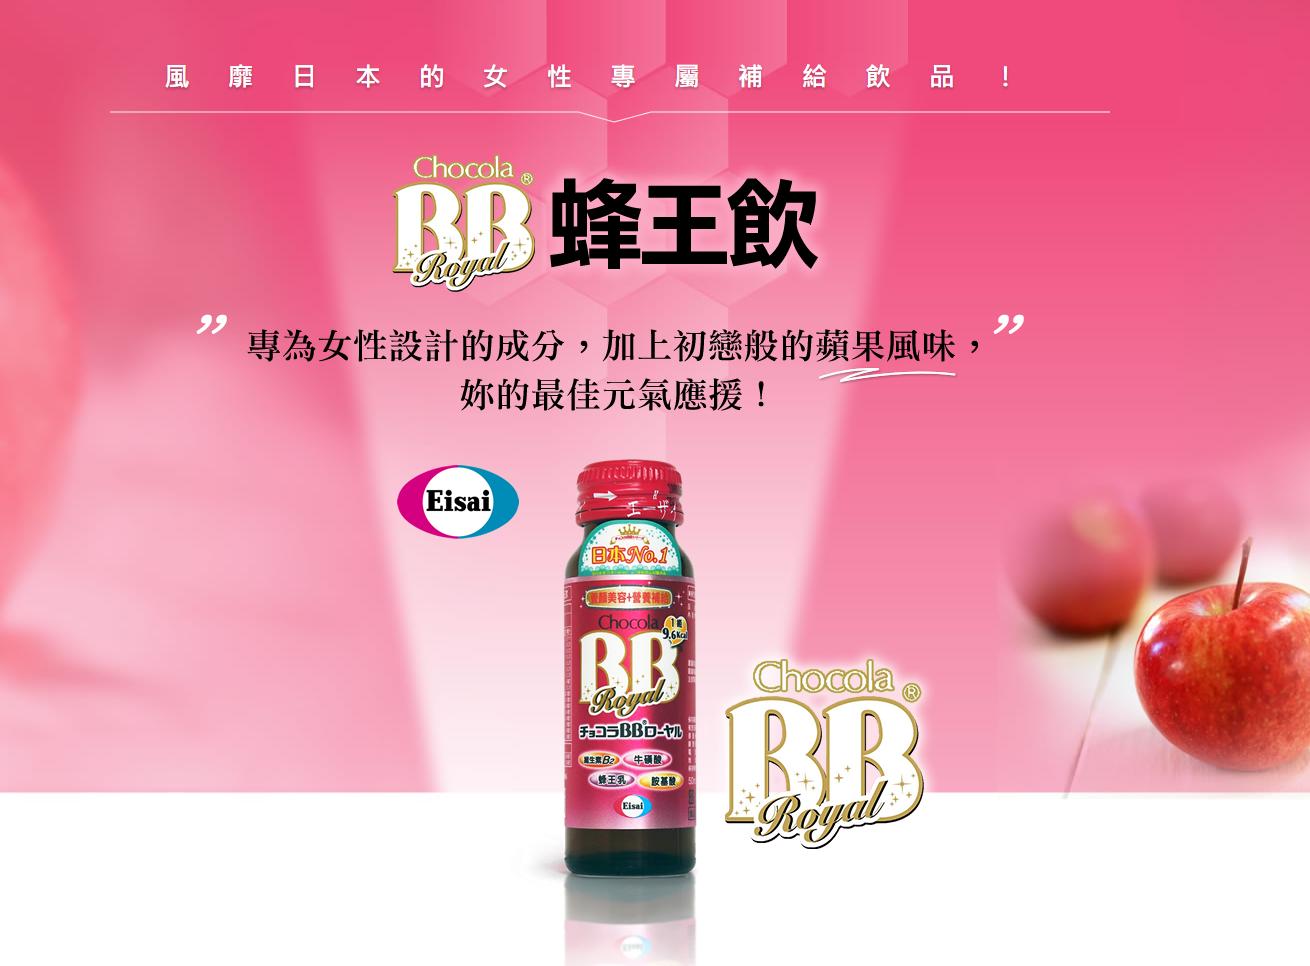 BB蜂王飲,風靡日本女性的補給飲品。專為女性設計的成分,初戀般的蘋果風味。最佳元氣應援!